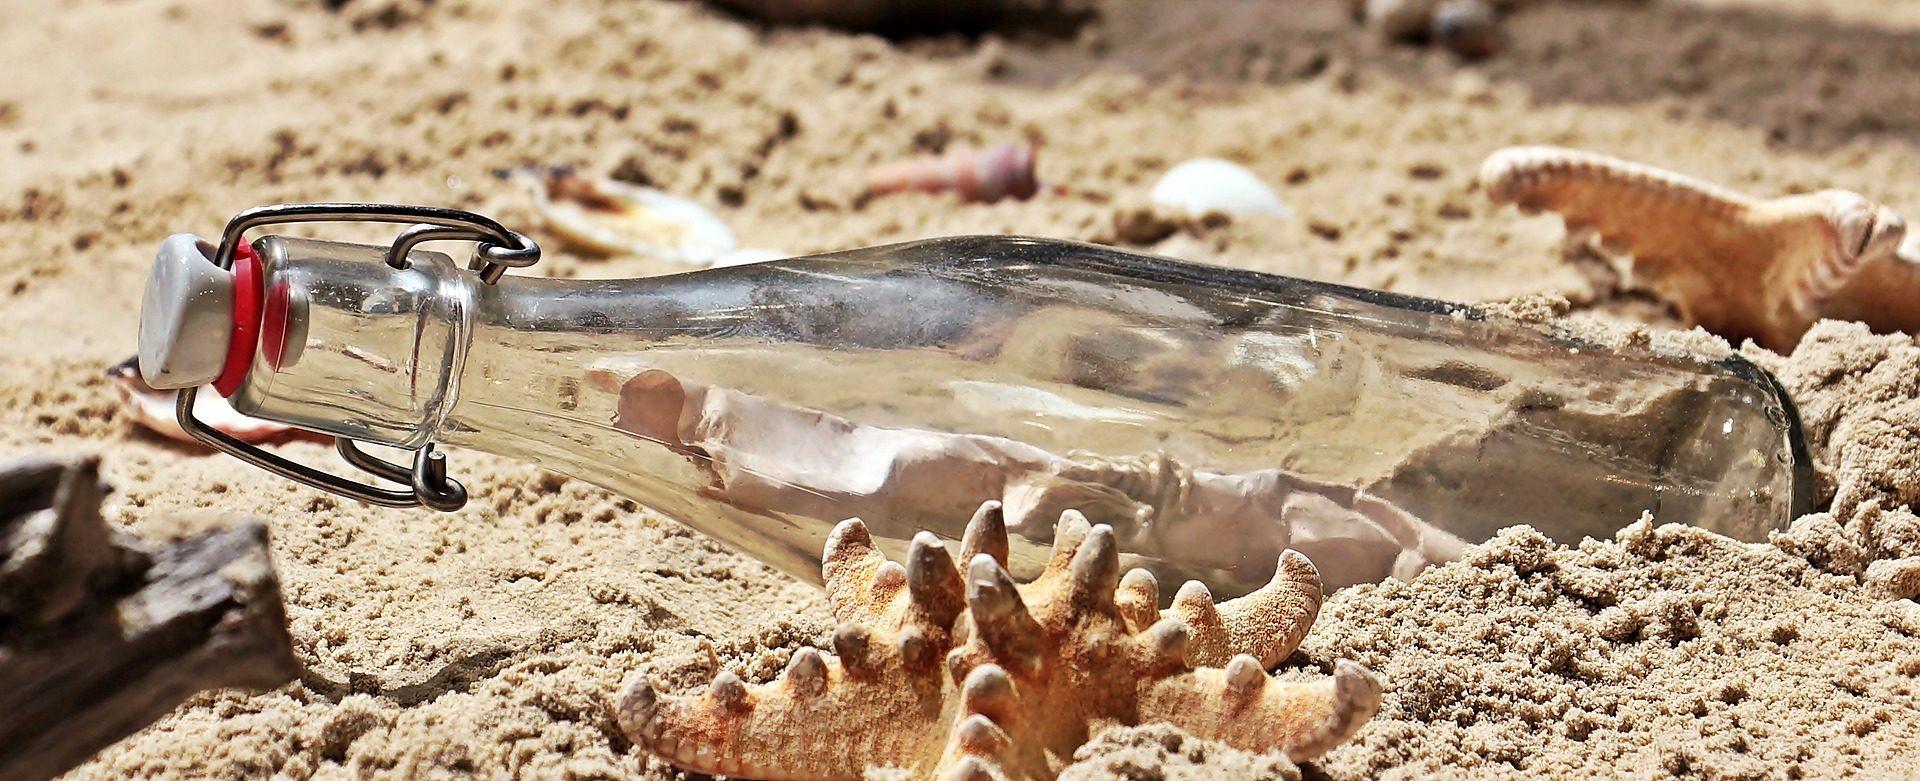 бутылка, Сообщение, Пляж, Звезда моря, Письмо - Обои HD - Профессор falken.com